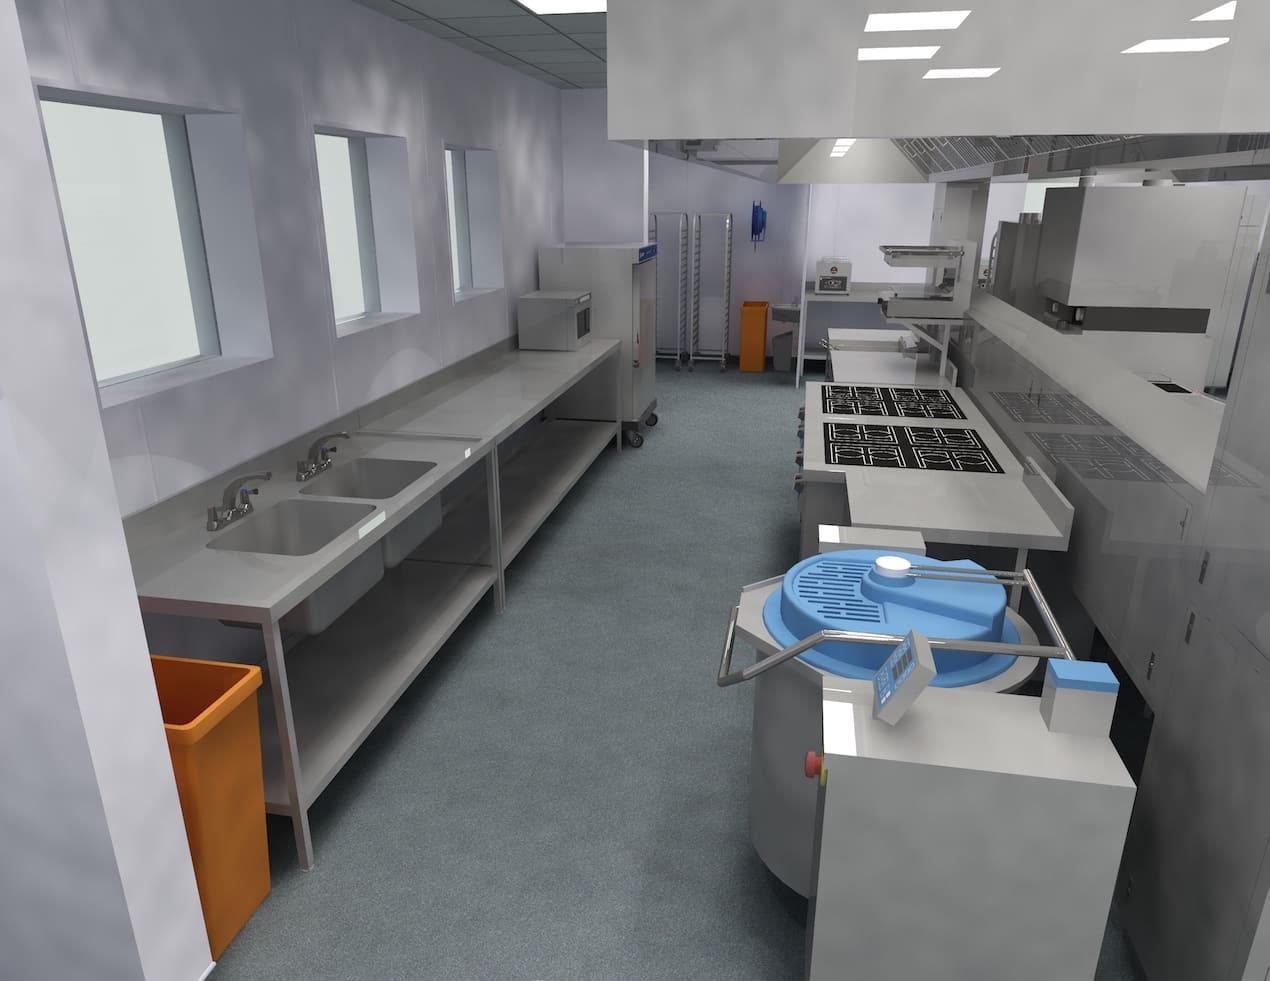 E1306 3Dmodel03 - 006 Cookline2